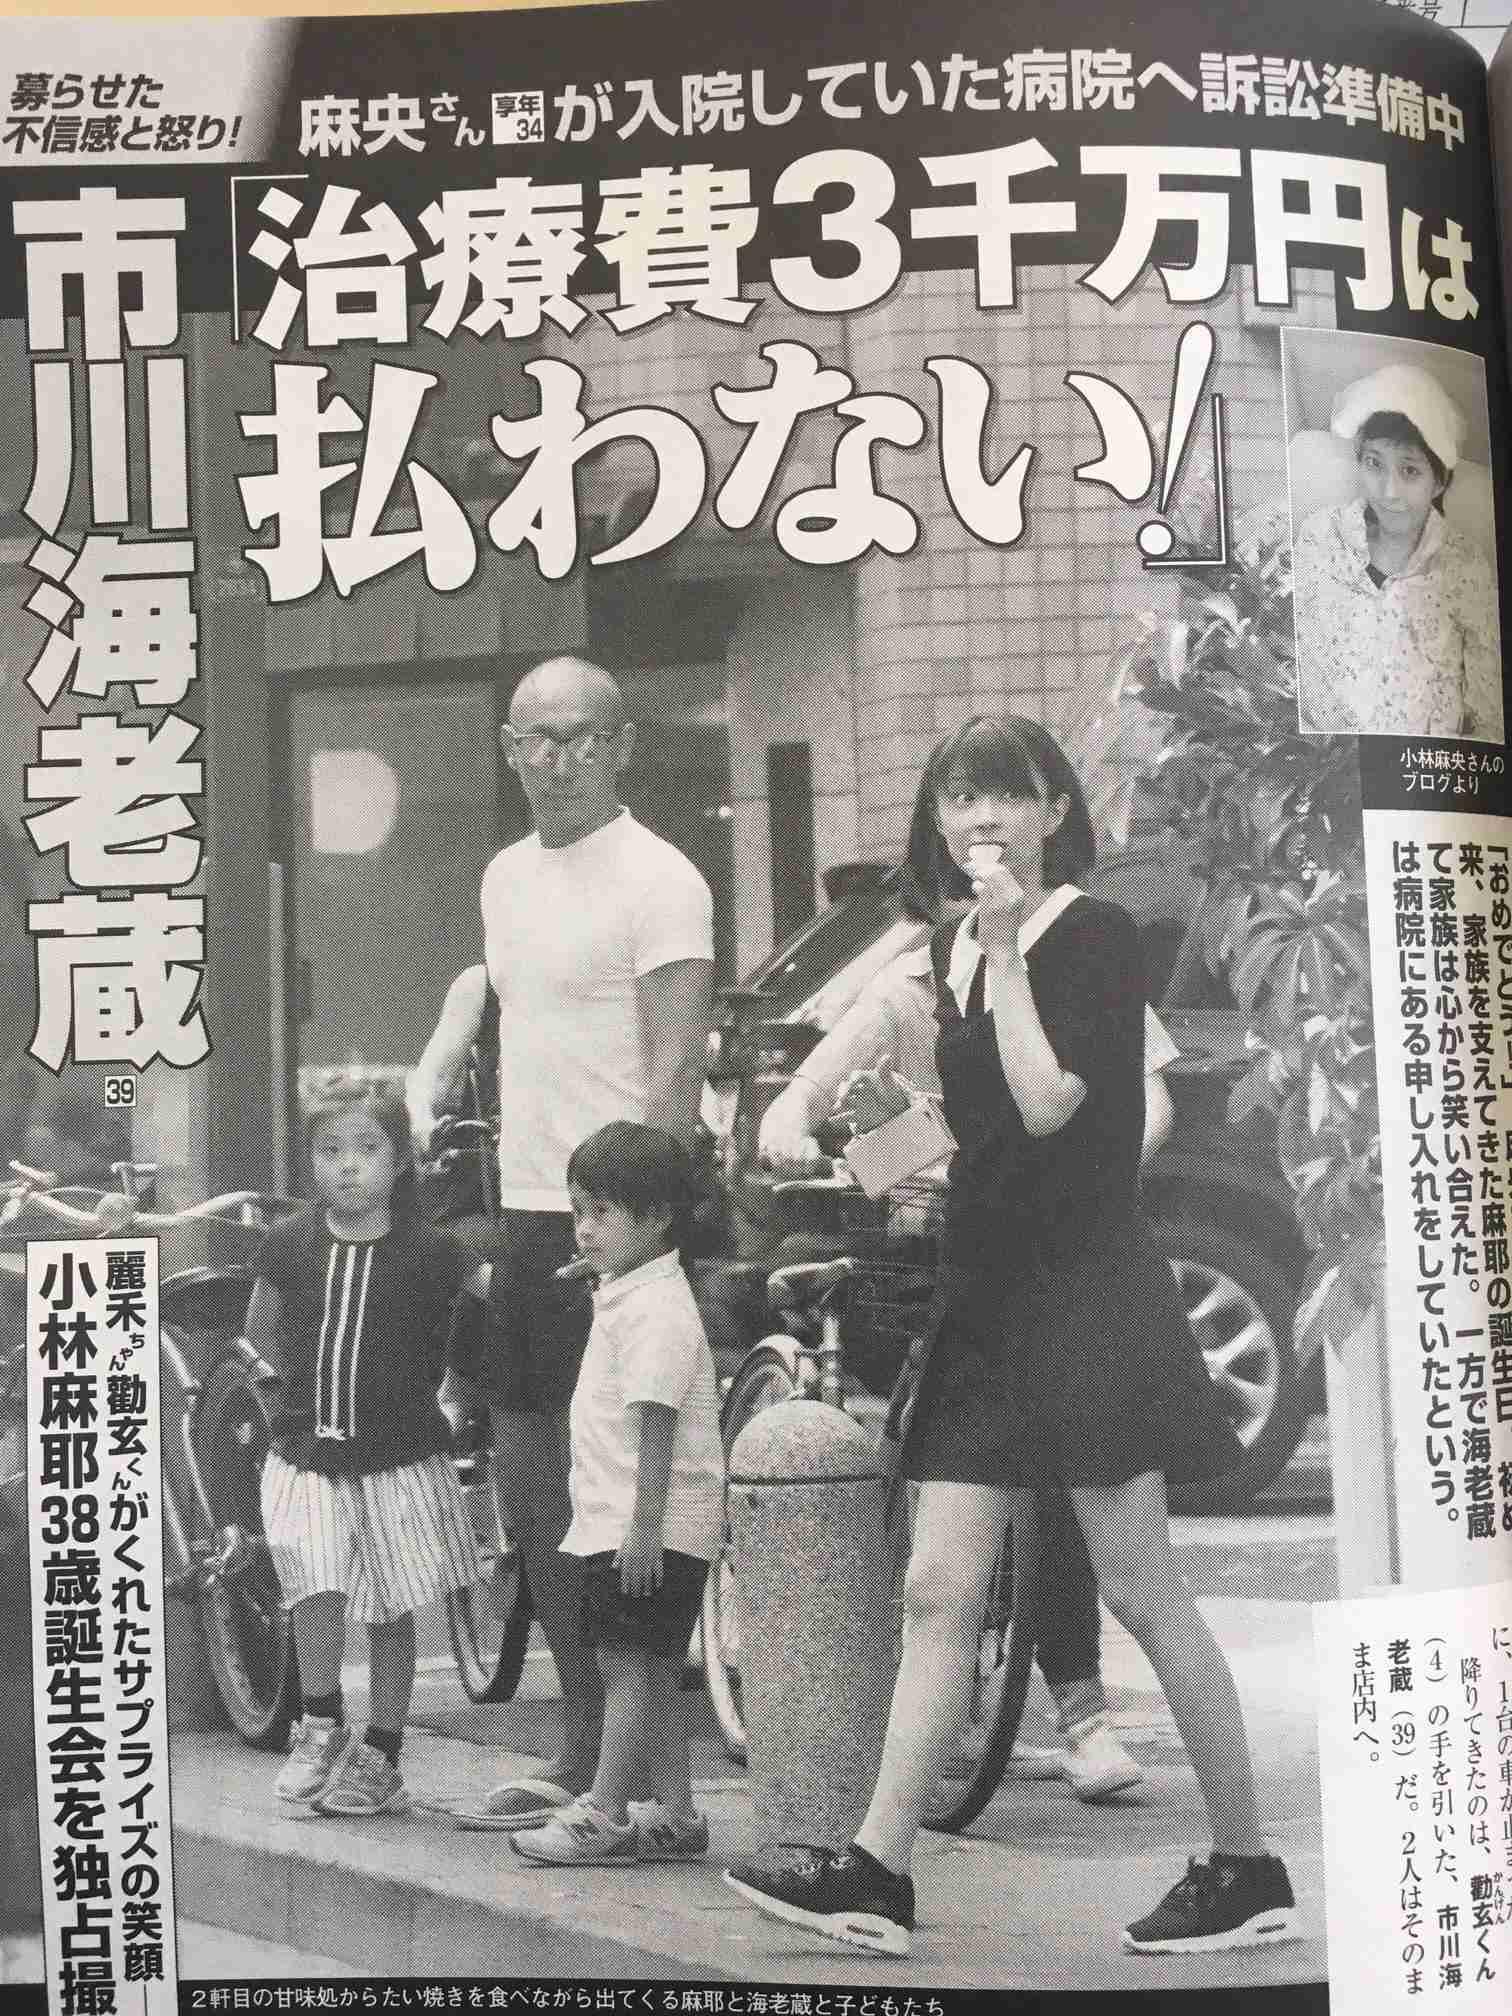 """市川海老蔵 """"入院費3000万円未払い""""の記事に「笑うしかない」"""